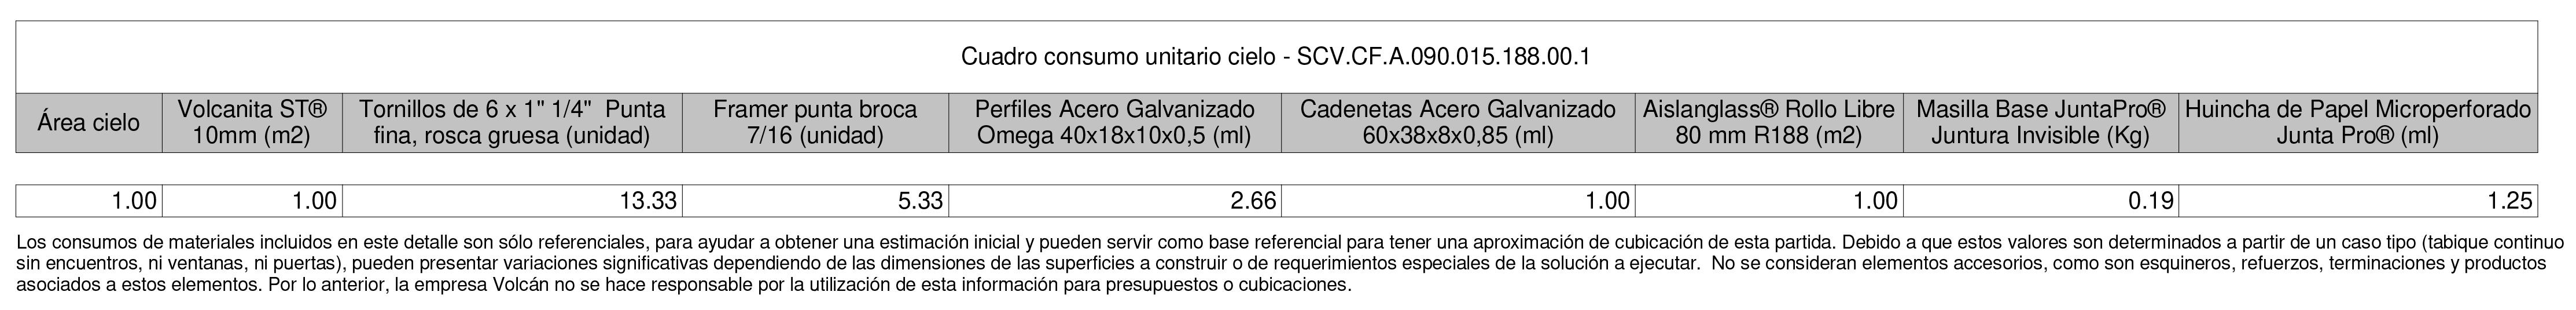 Solución Cielo raso F-15 de Volcan en BIM. Solución en rvt, ifc, dwg, para revit, BIM, de Volcan